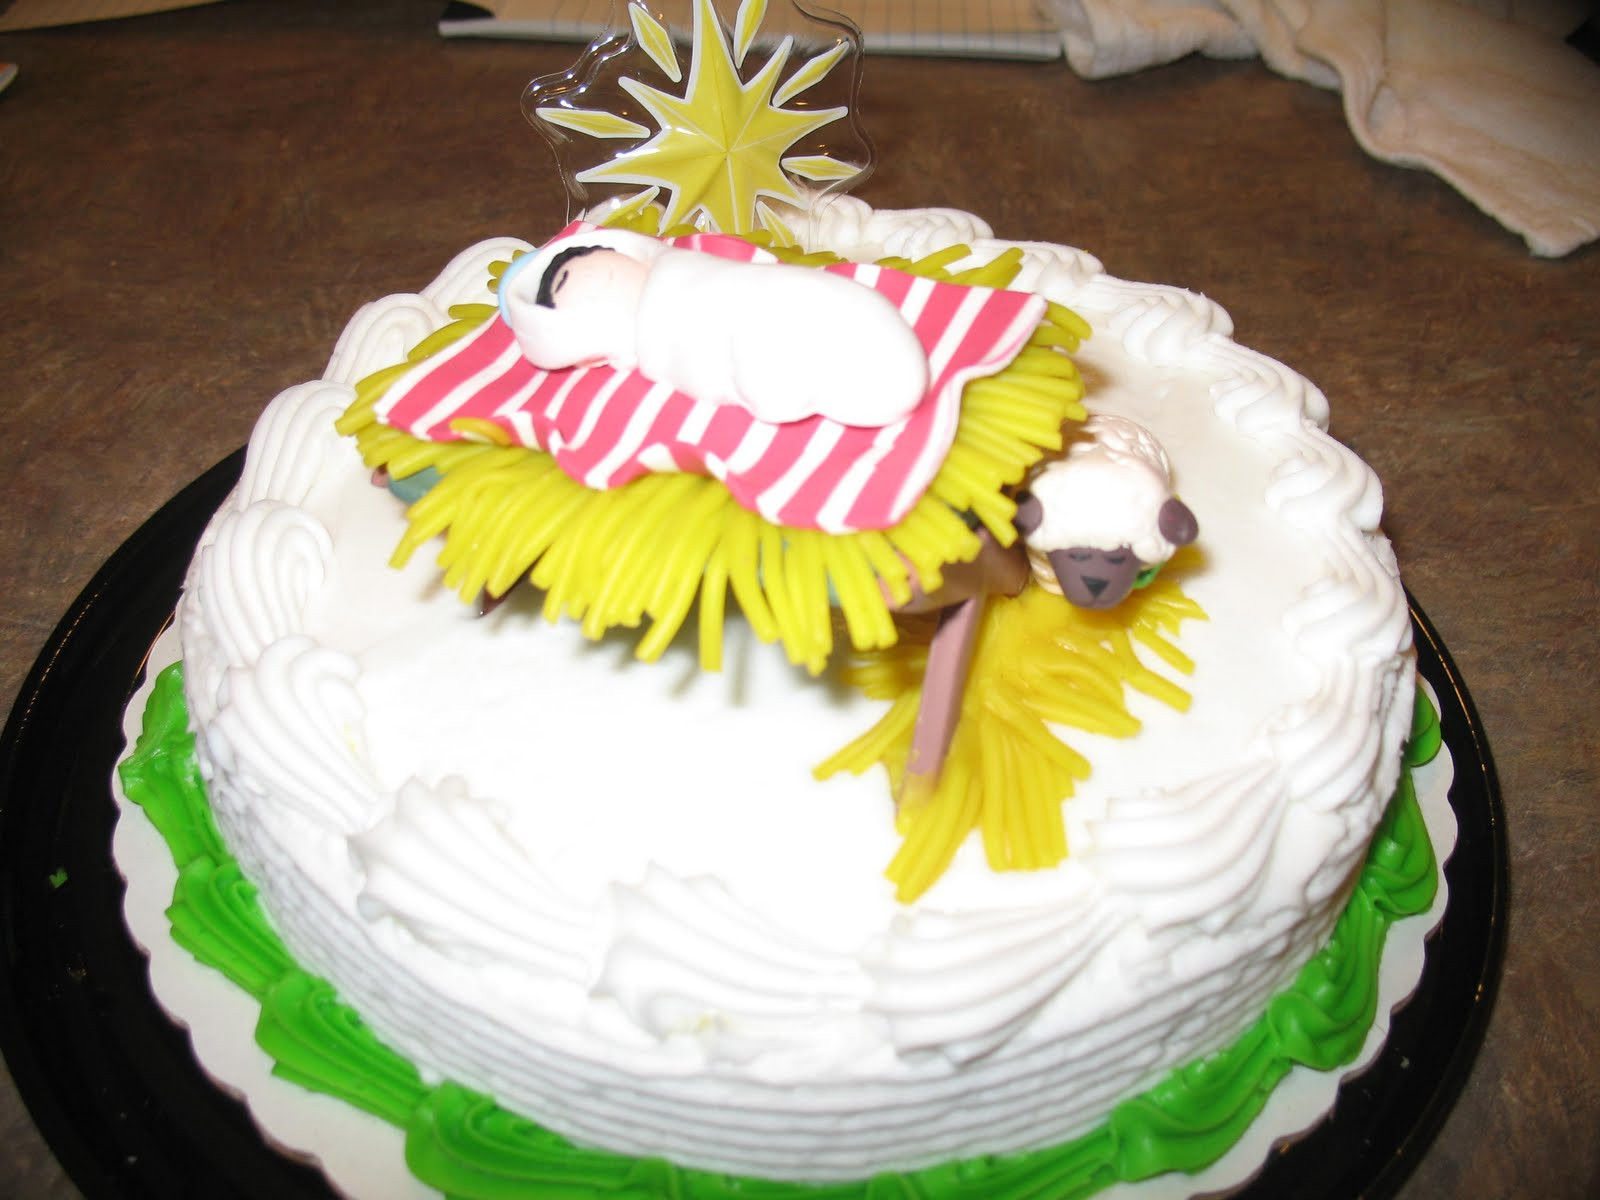 Winn Dixie Birthday Cakes  Hassebrock Happenings